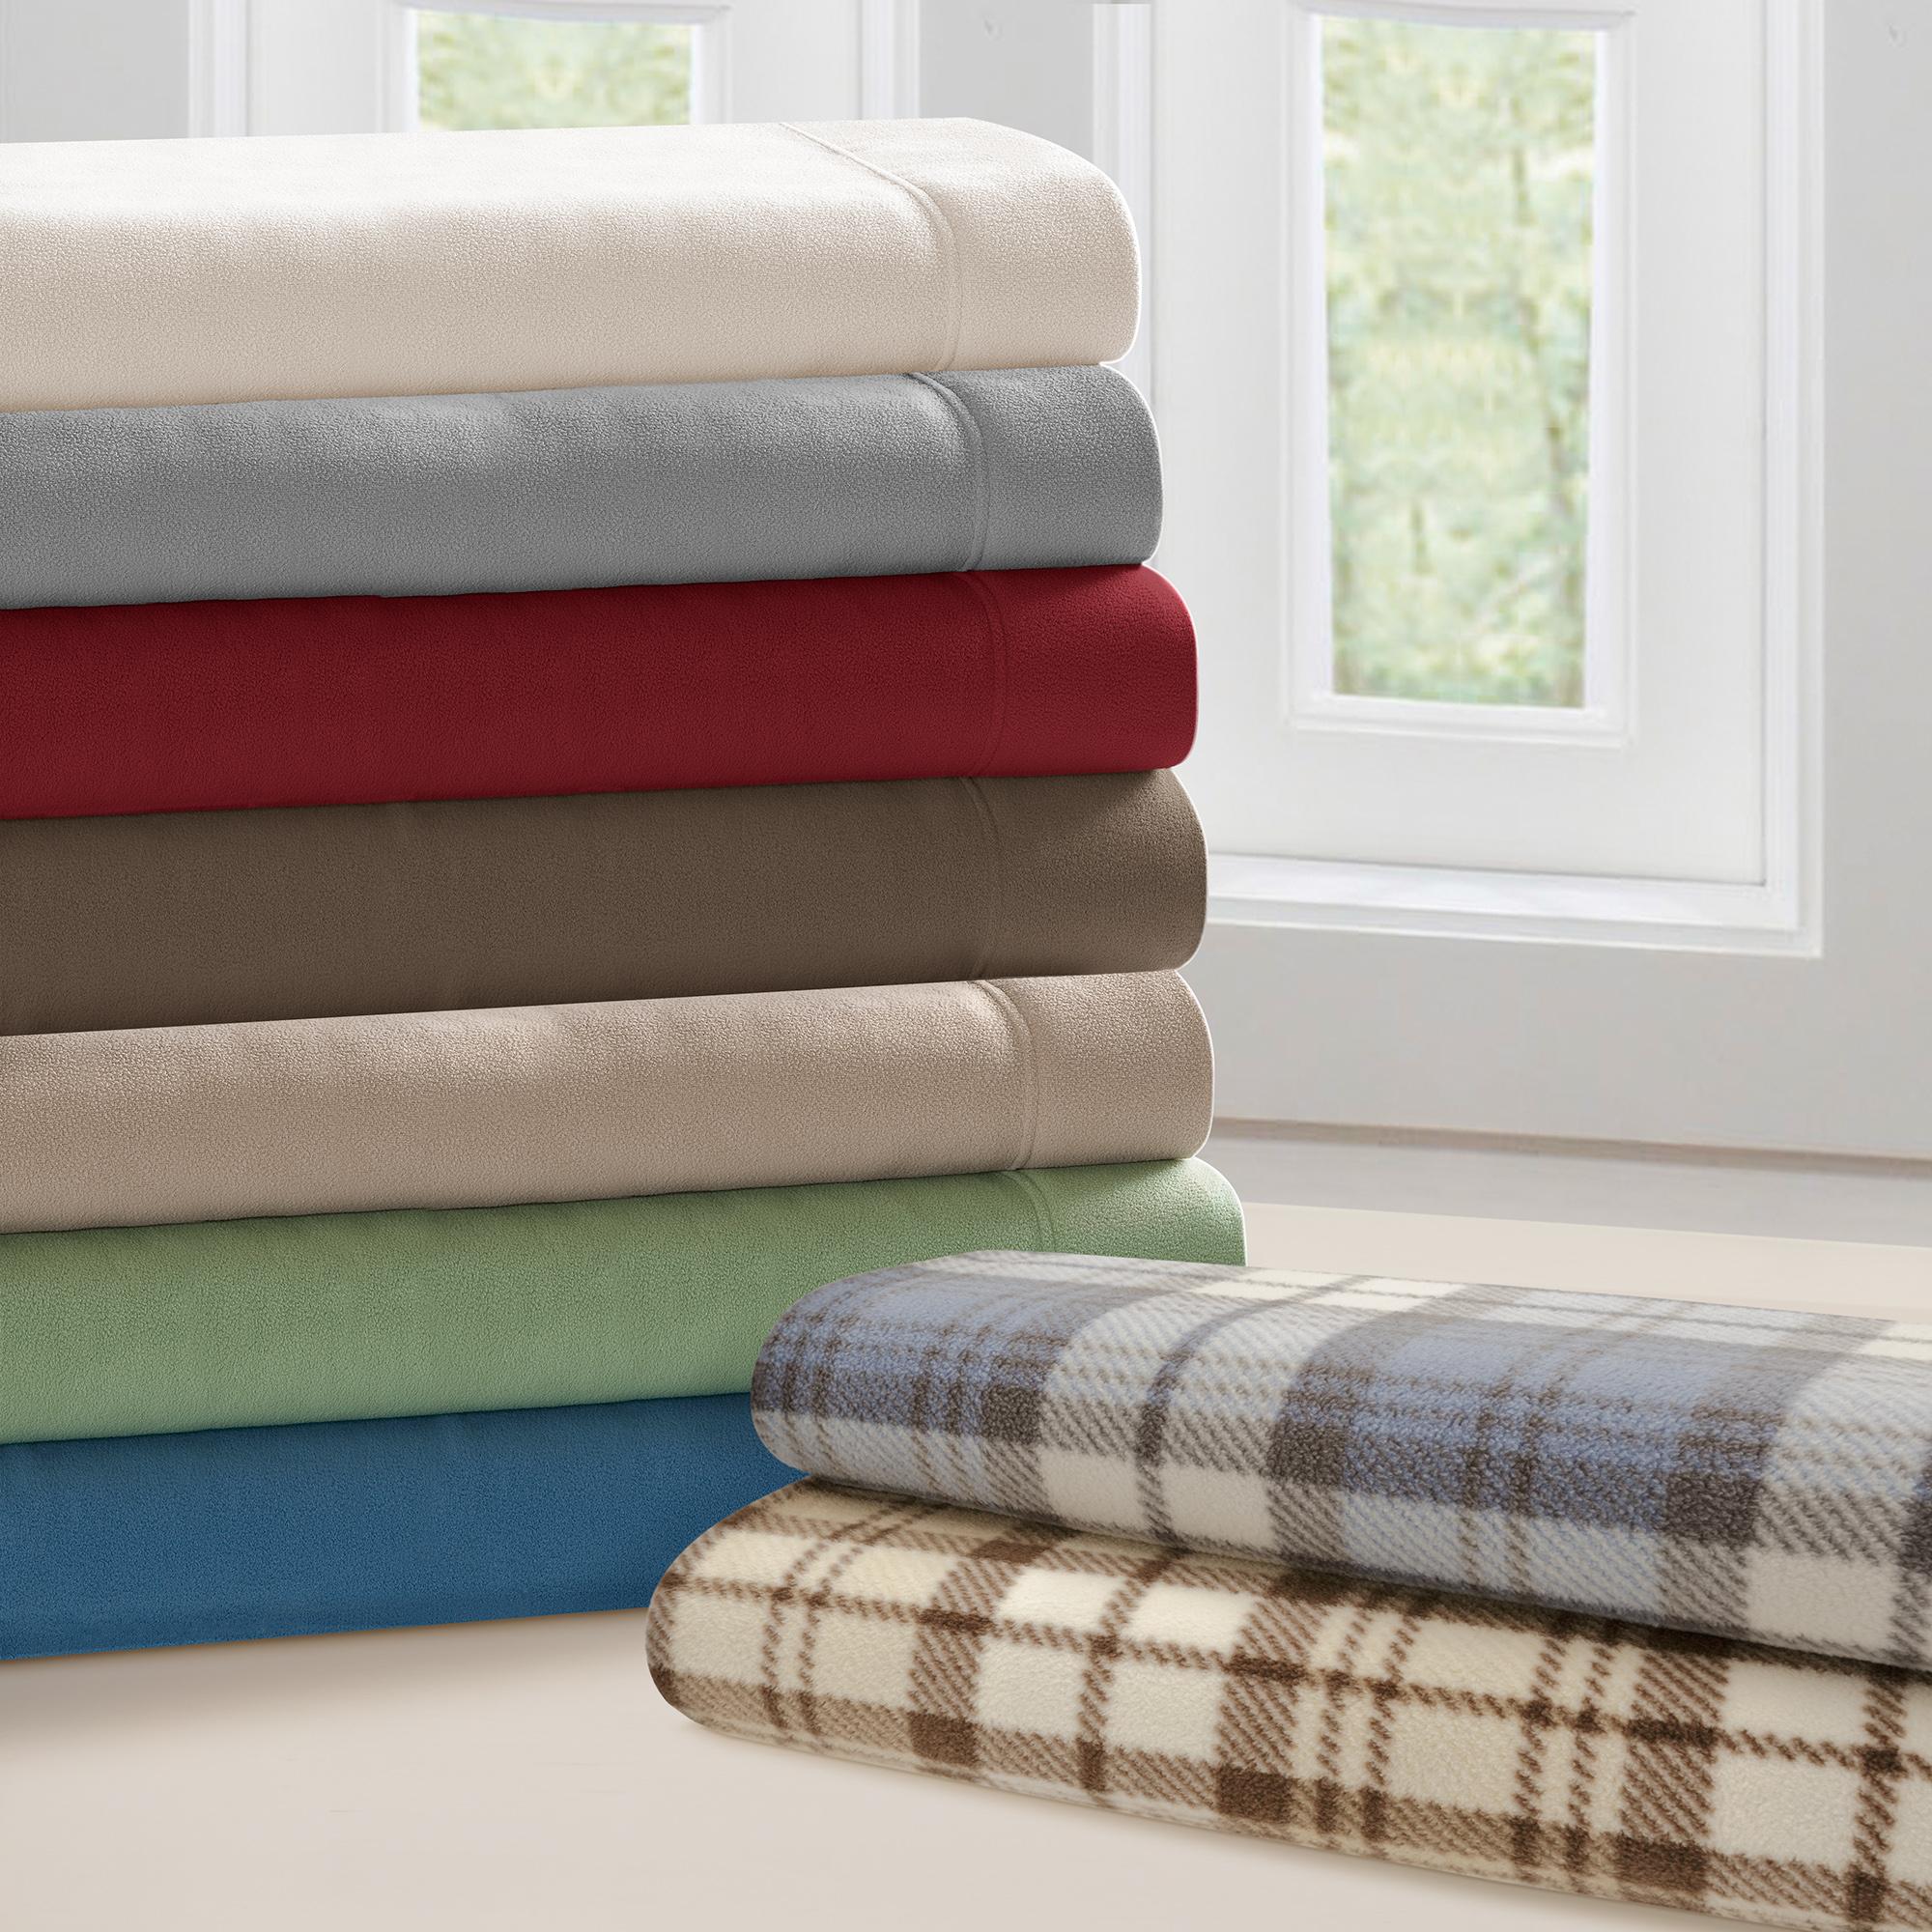 Premier Comfort Micro Fleece Sheet Set